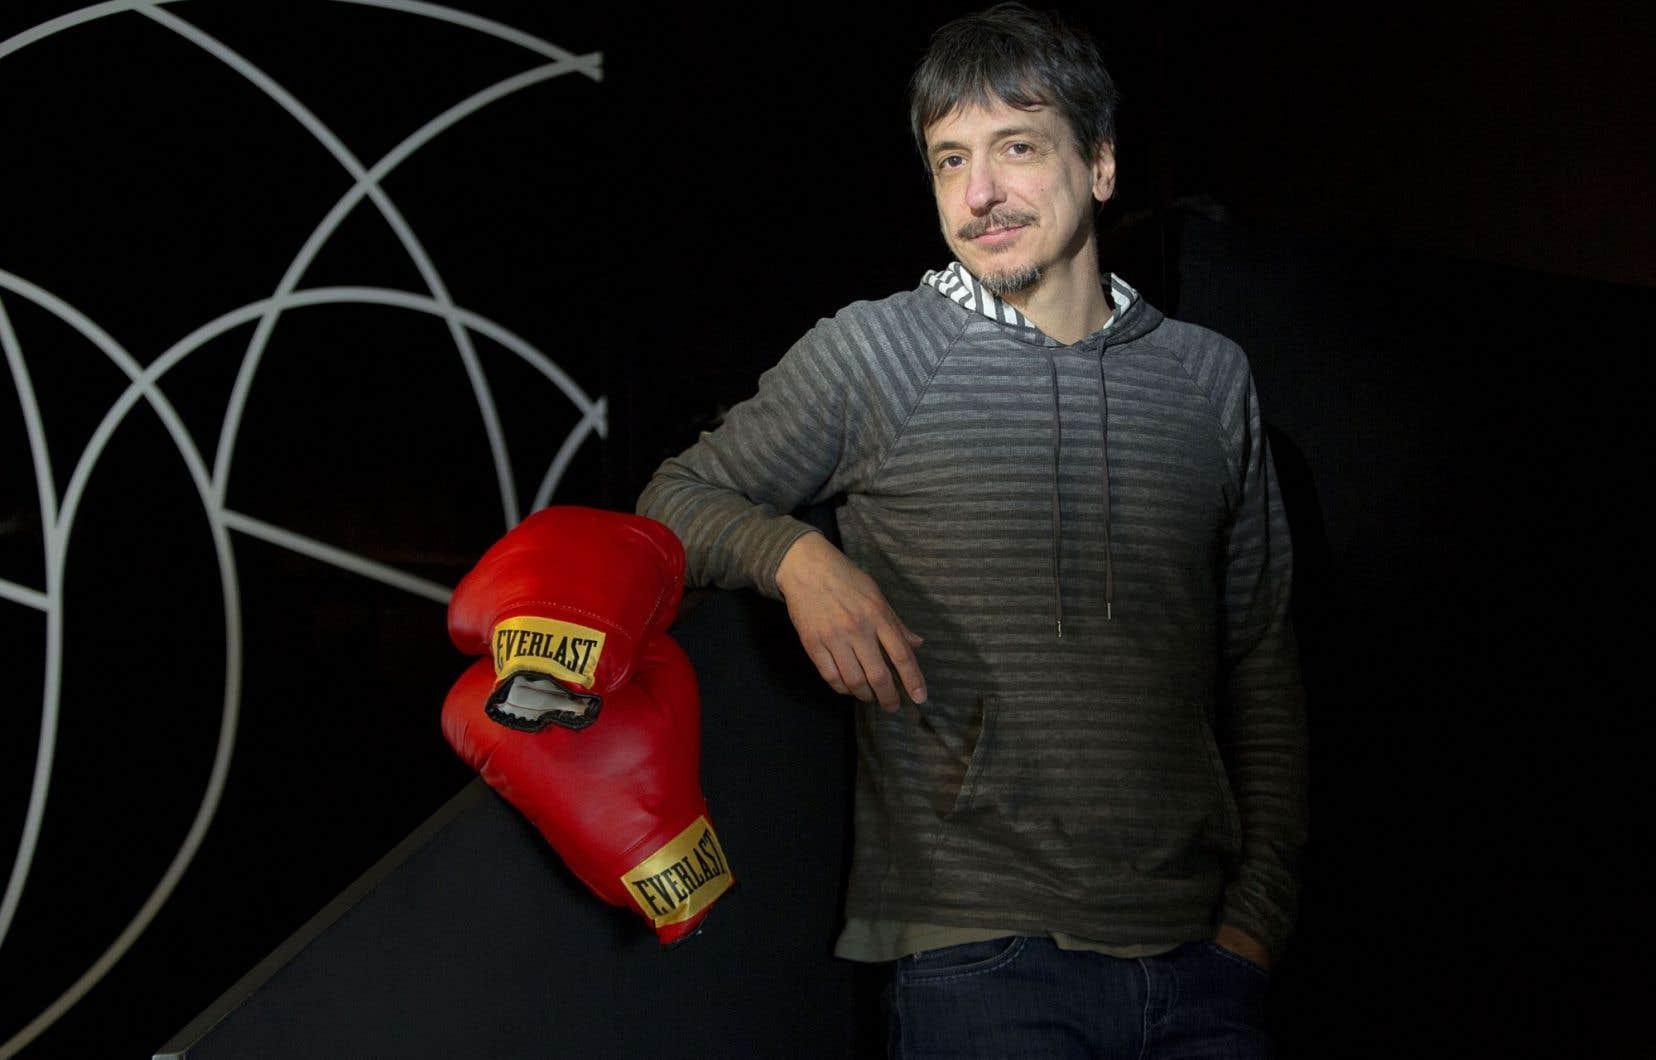 Le cinéaste québécois Philippe Falardeau signe avec «Chuck» son plus récent long métrage.